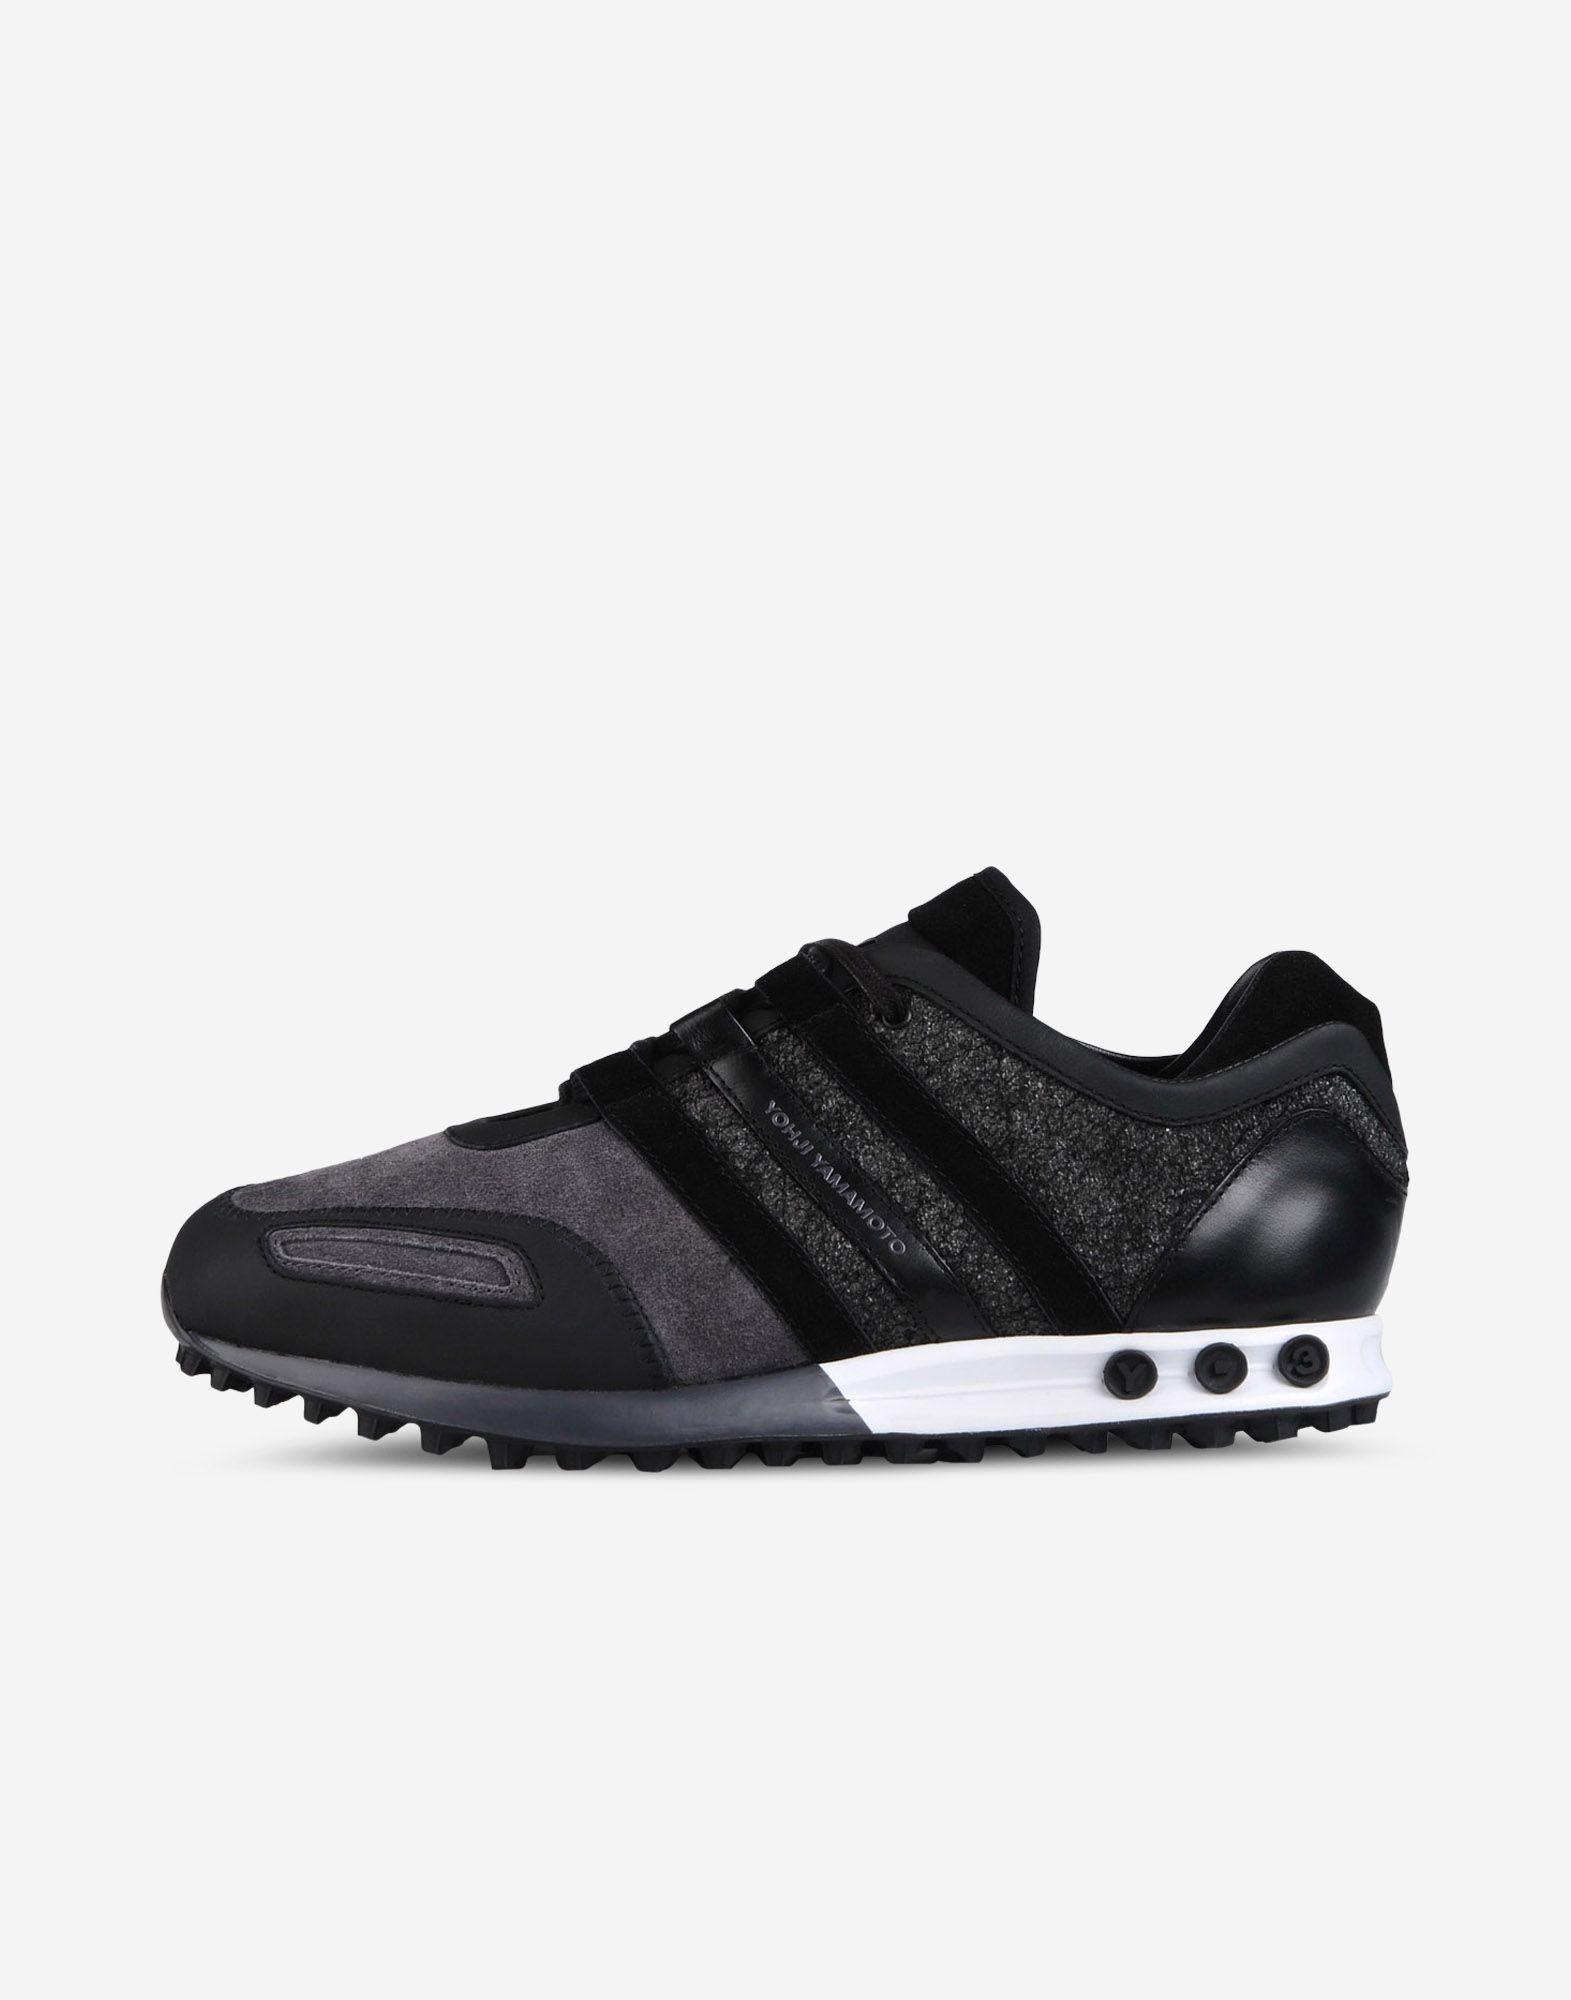 scarpe uomo adidas trainer